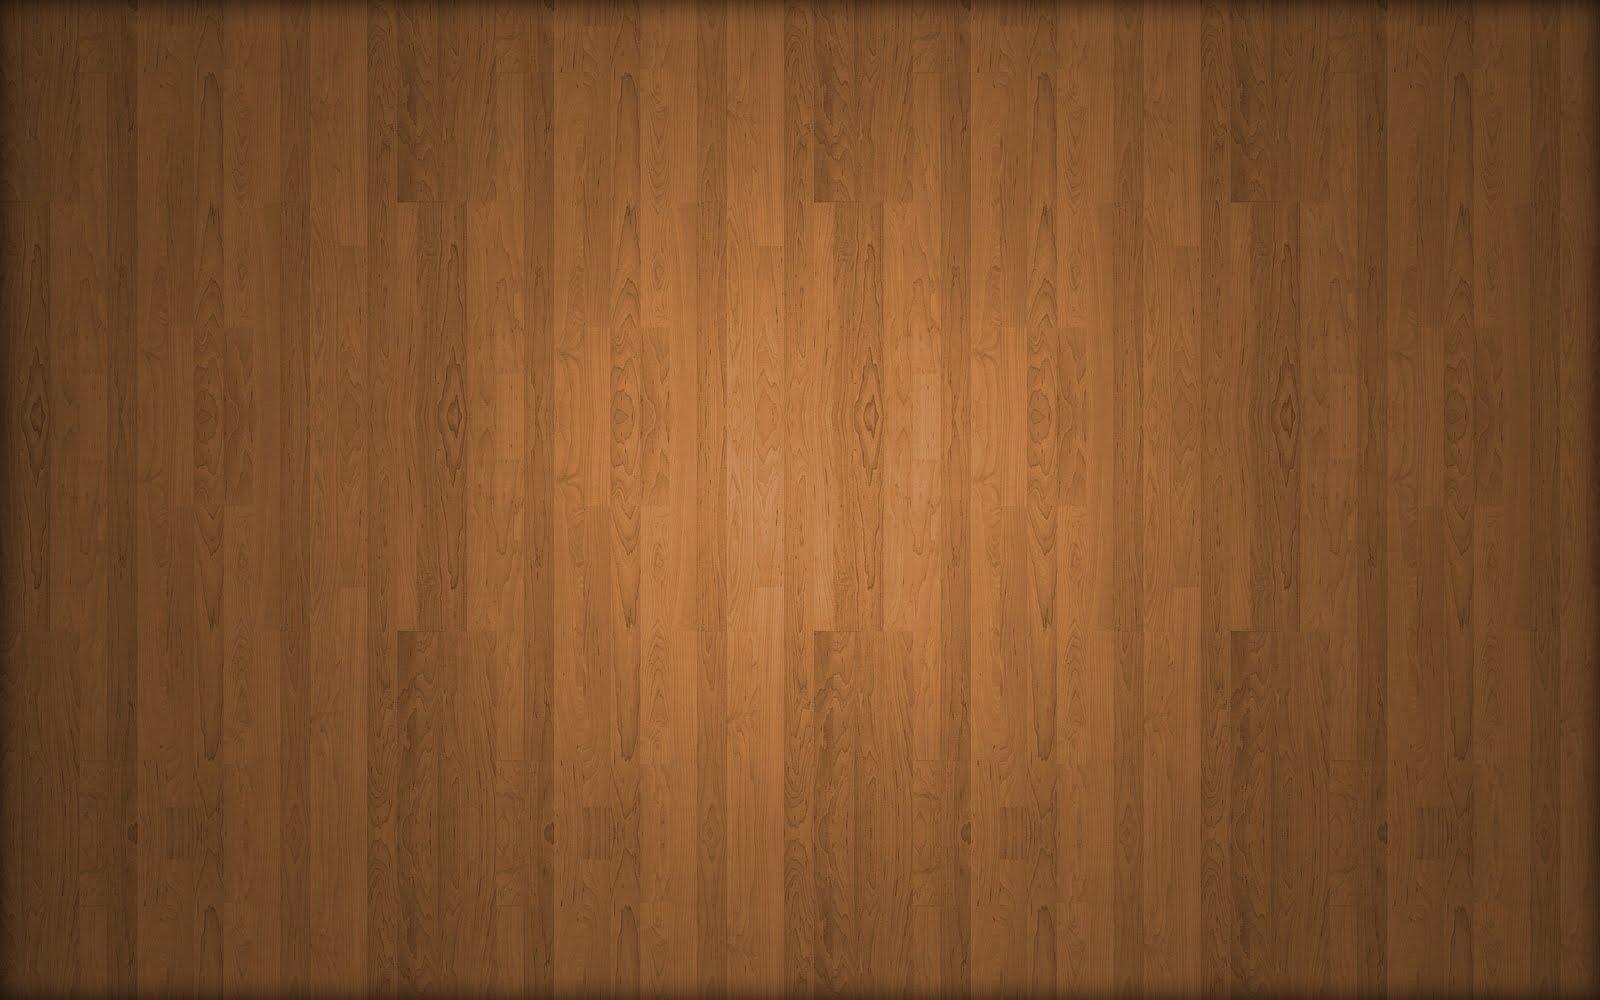 Brown Wooden Texture Pattern Hd Wallpaper 1600x1000